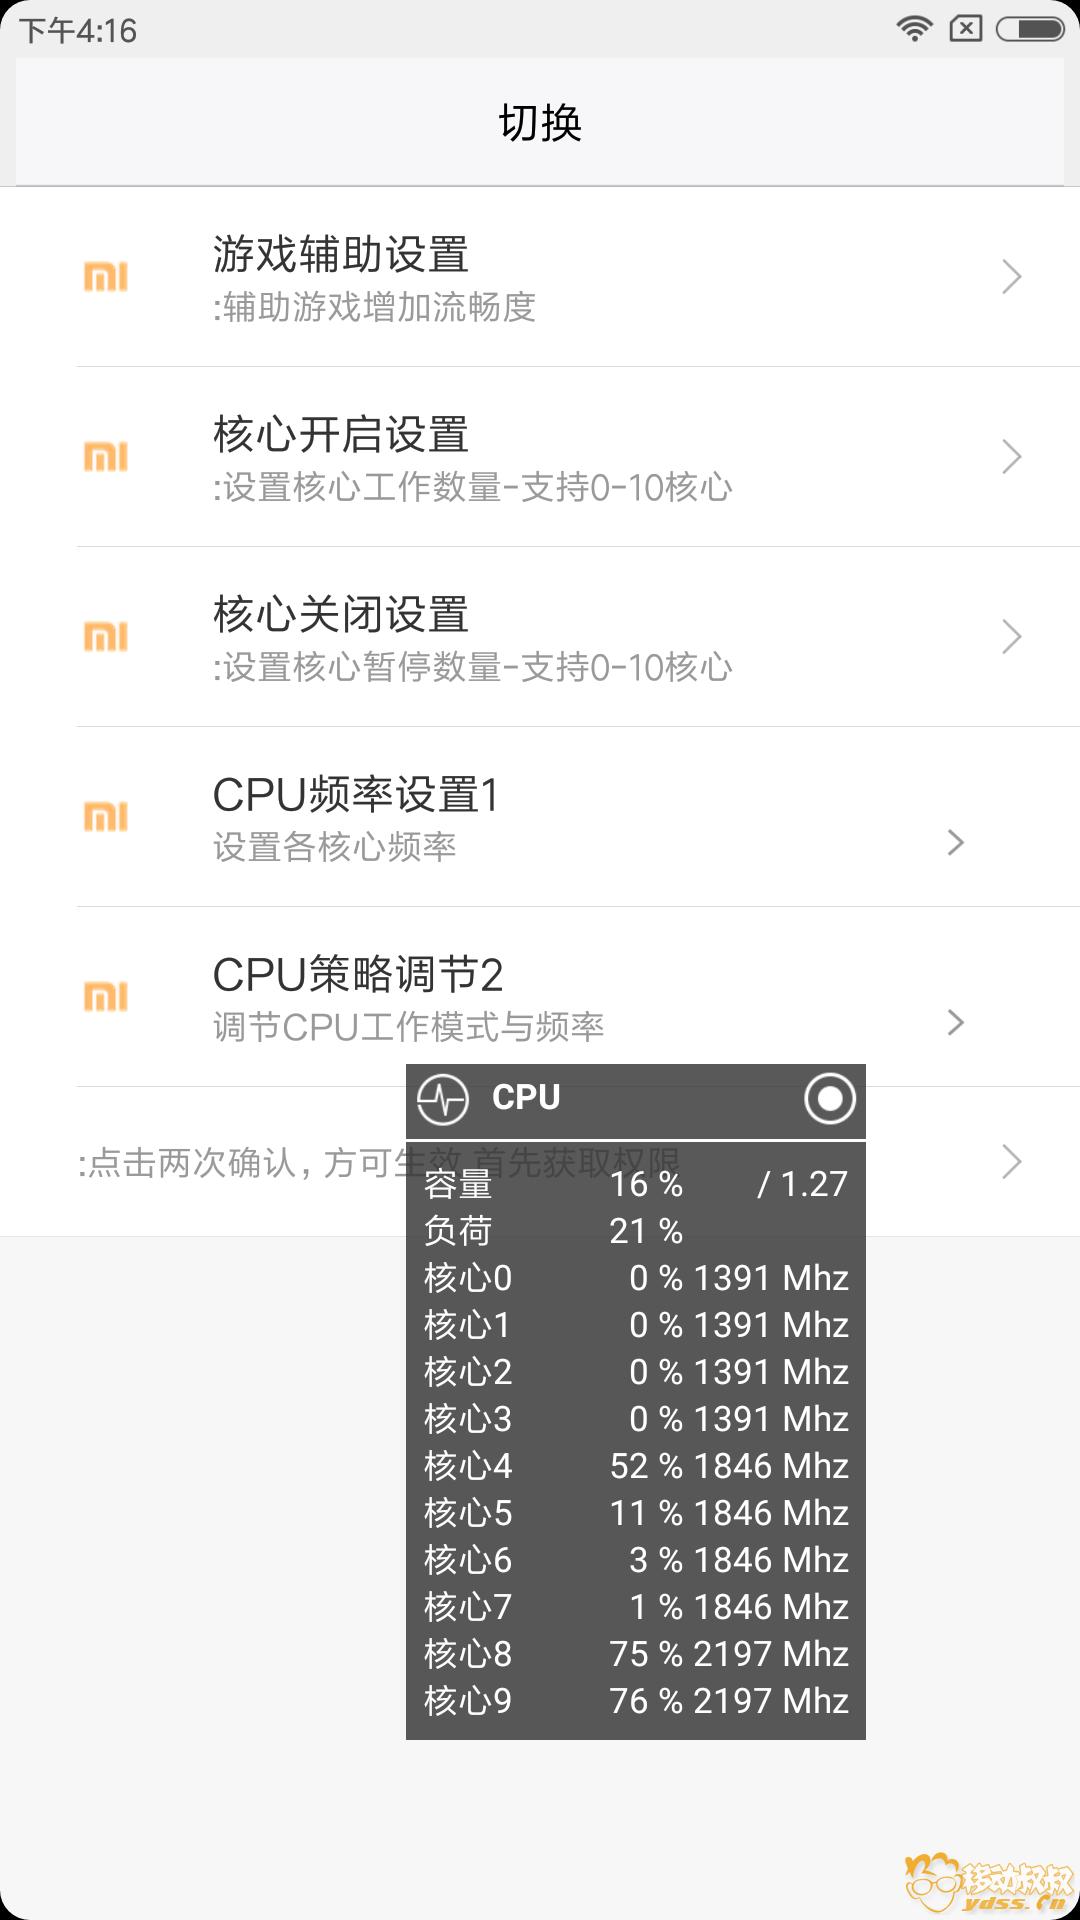 Screenshot_2018-06-04-16-16-43-696_com.loner.tools.png